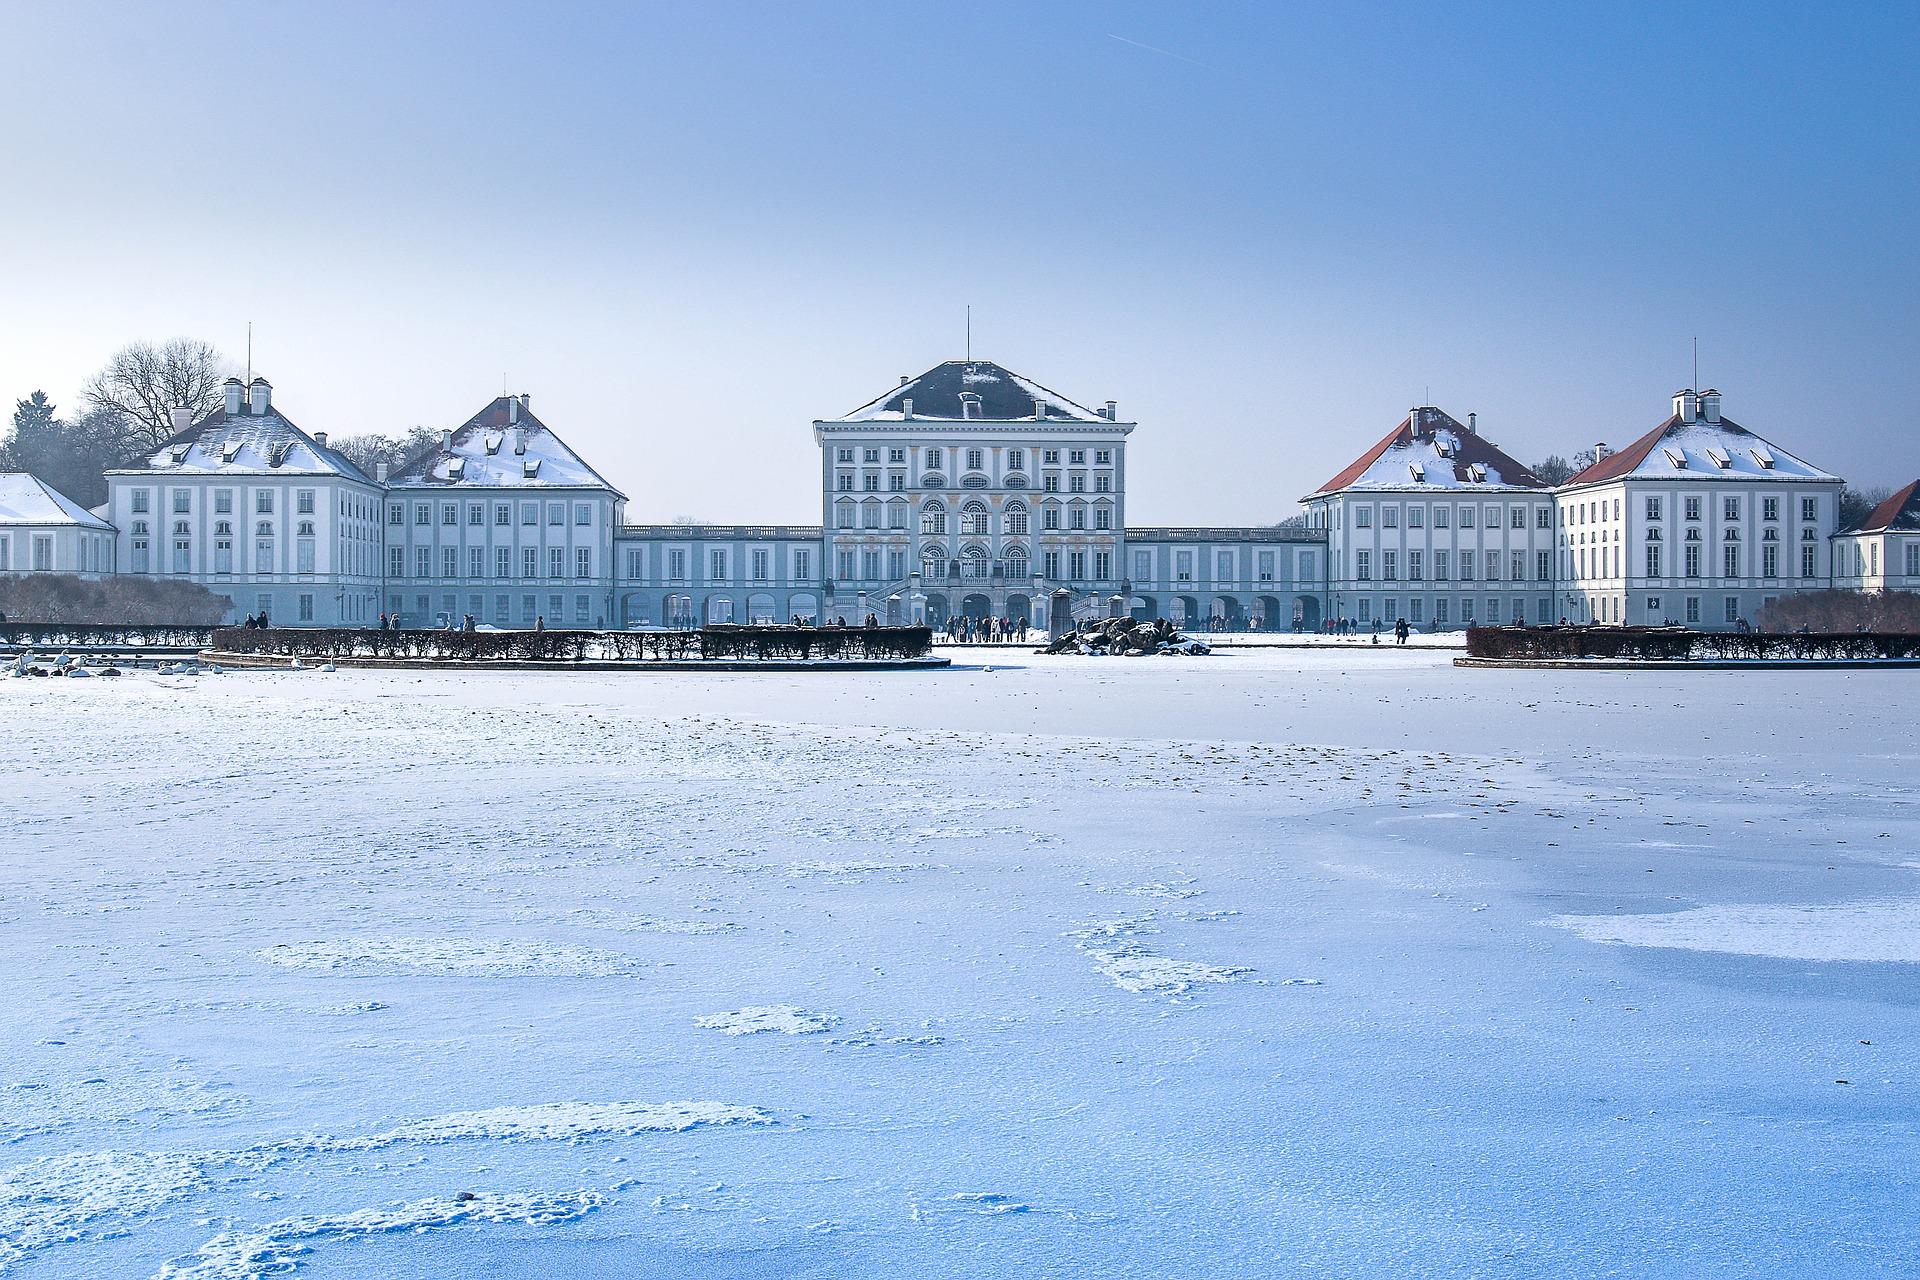 nymphenburg-palace-2029467_1920